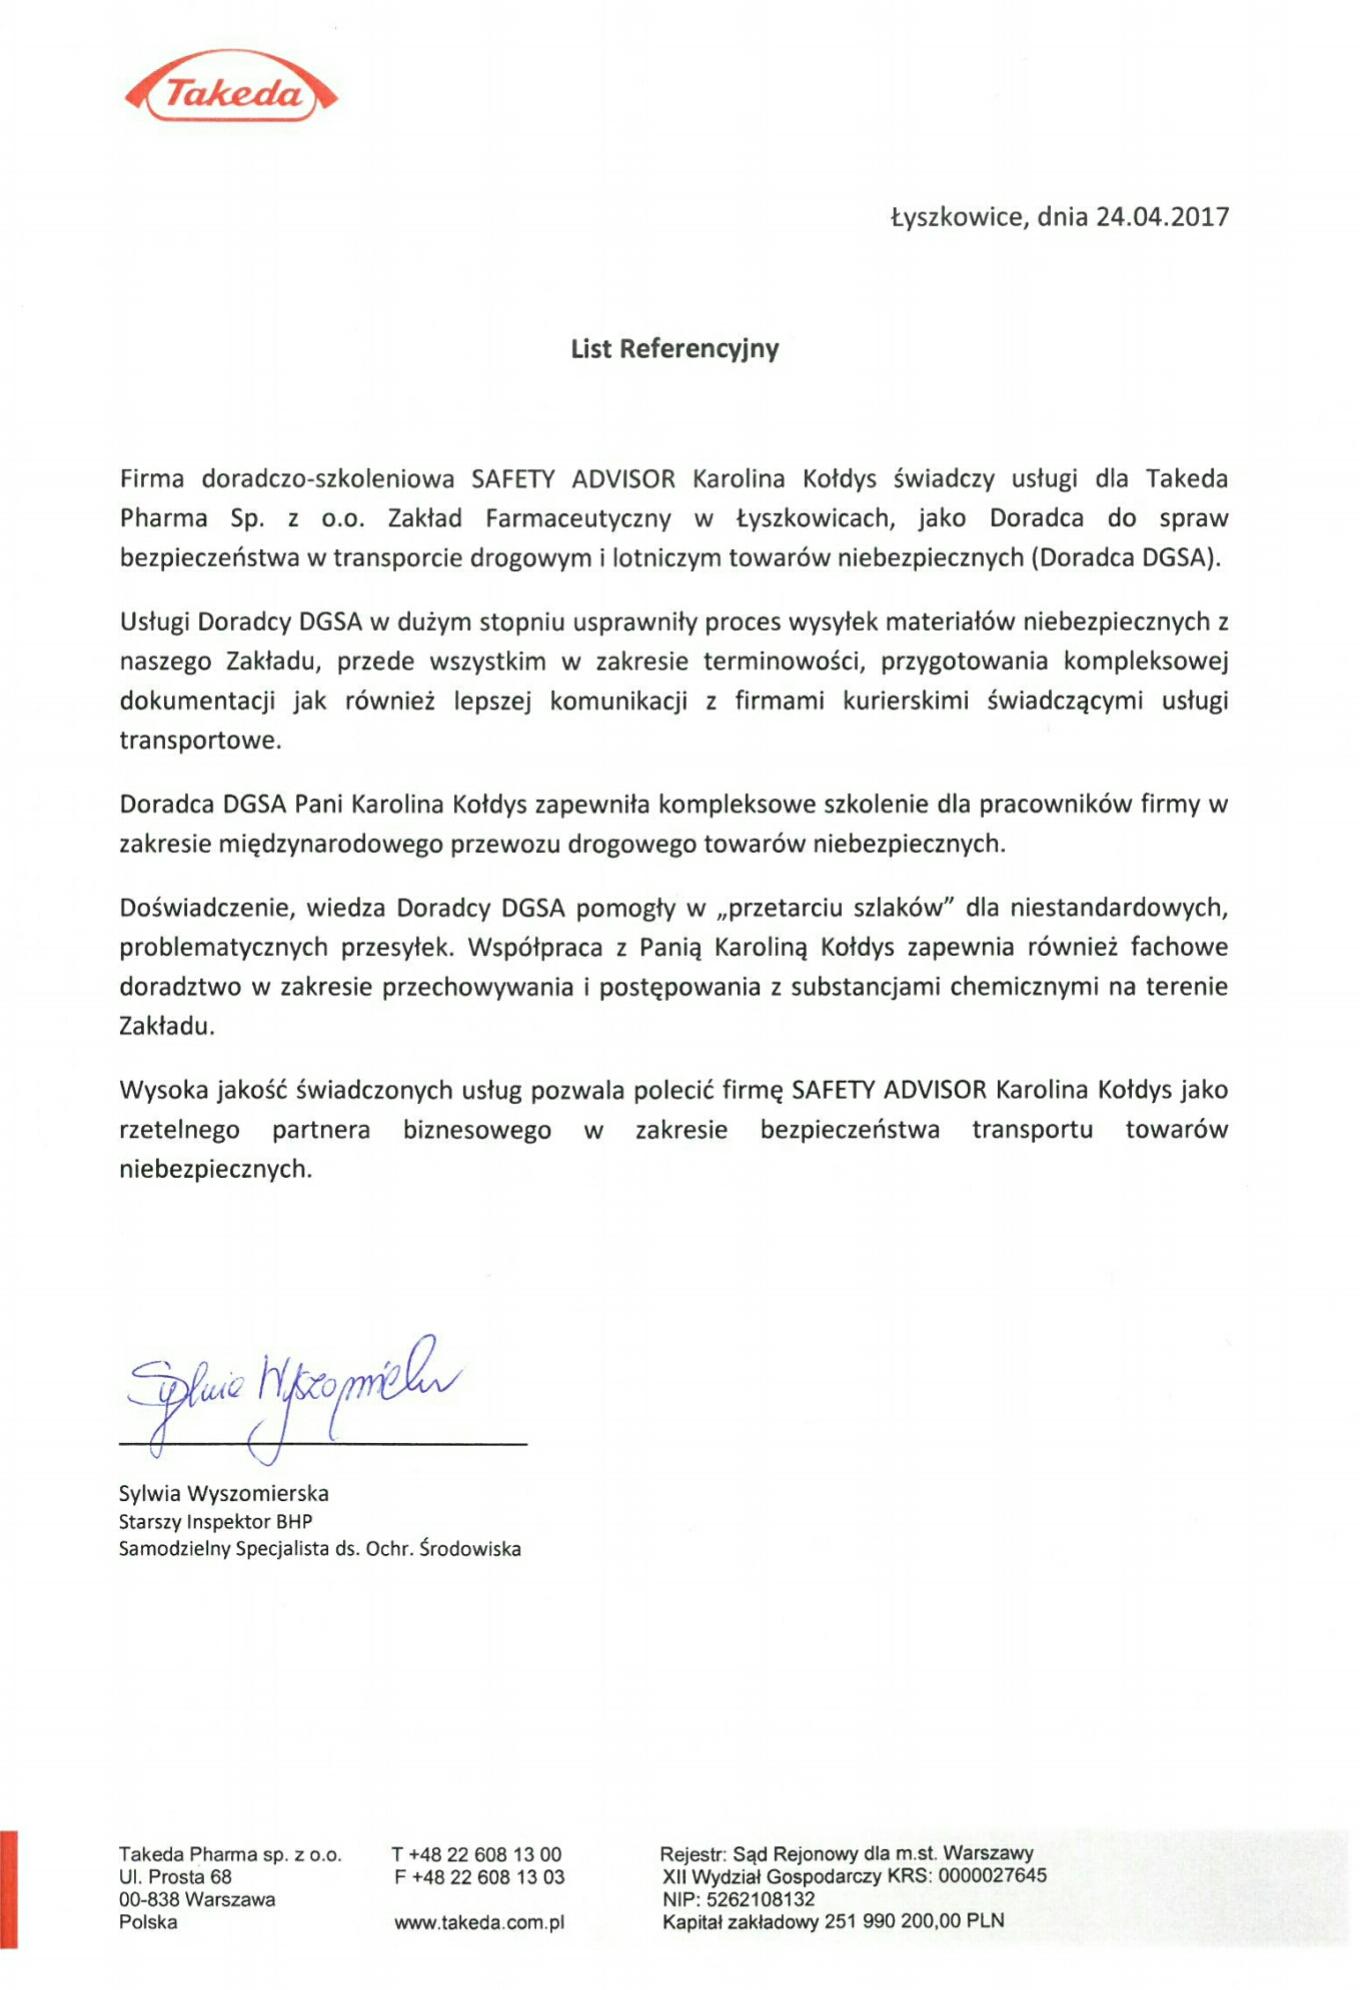 Branża Farmaceutyczna - Takeda Pharma Sp. z o. o.